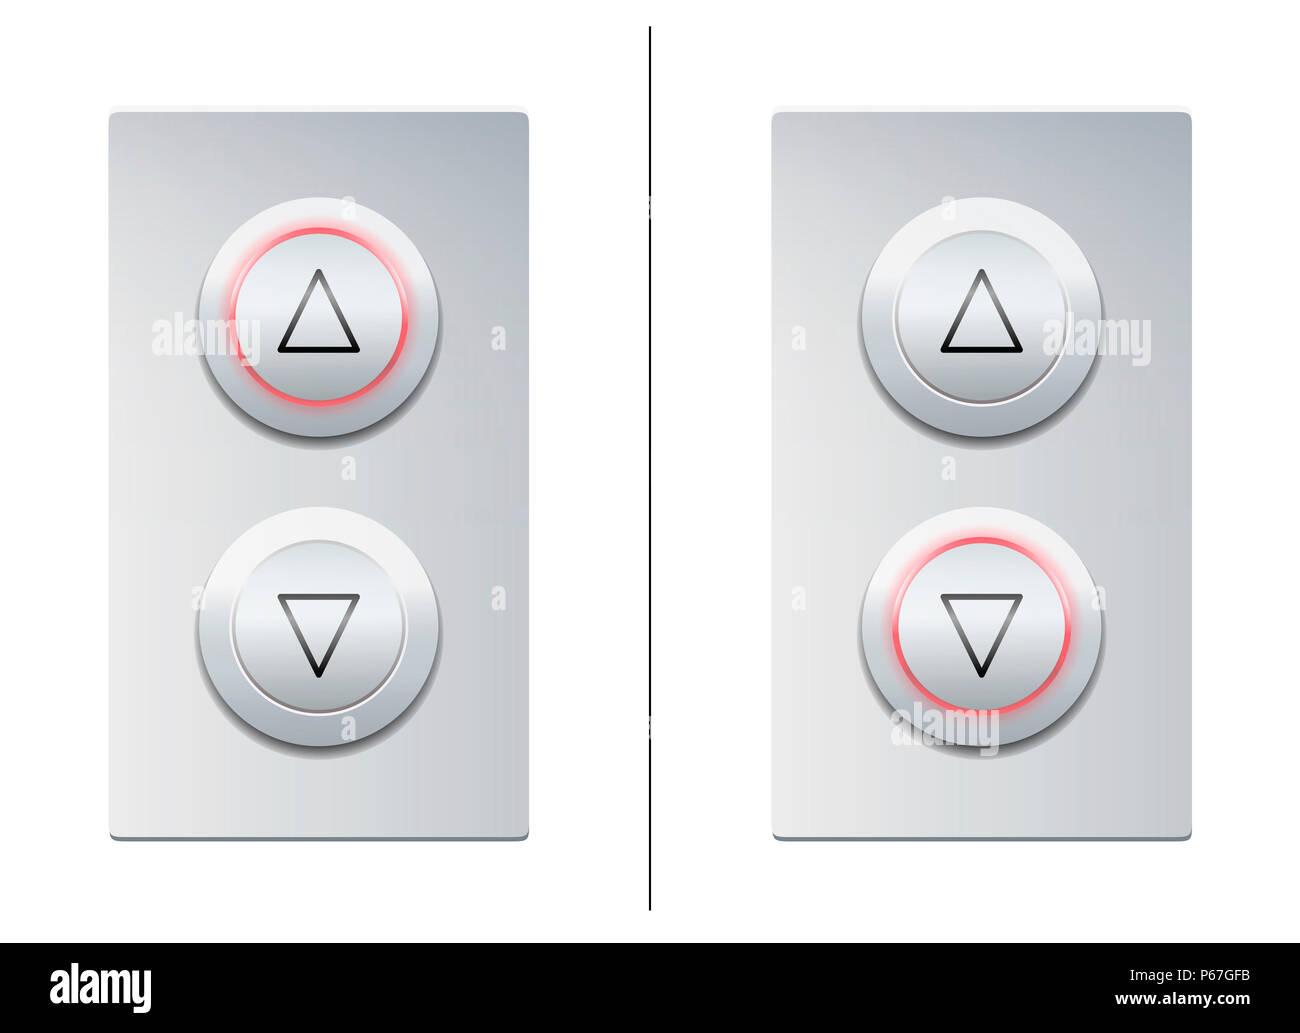 Botones de llamada de elevación para elegir con las flechas hacia arriba o hacia abajo - Ilustración sobre fondo blanco. Imagen De Stock